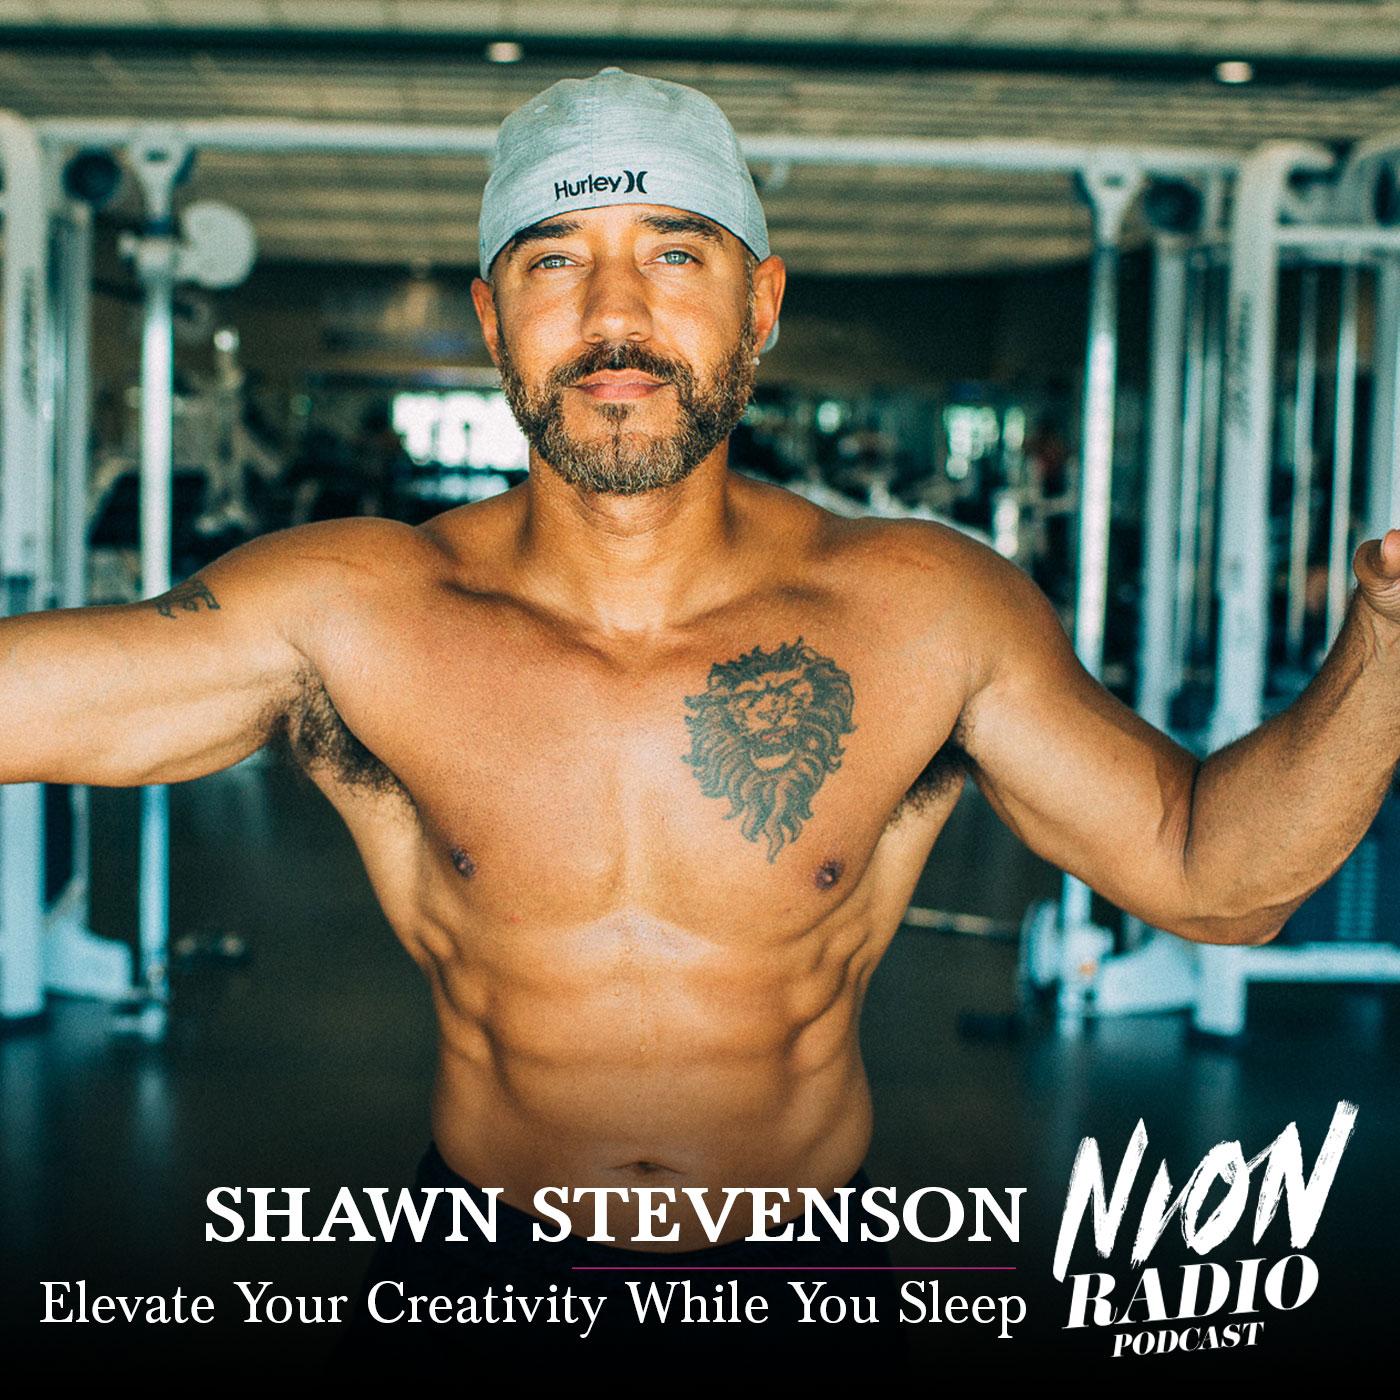 Shawn Stevenson on Nion Radio